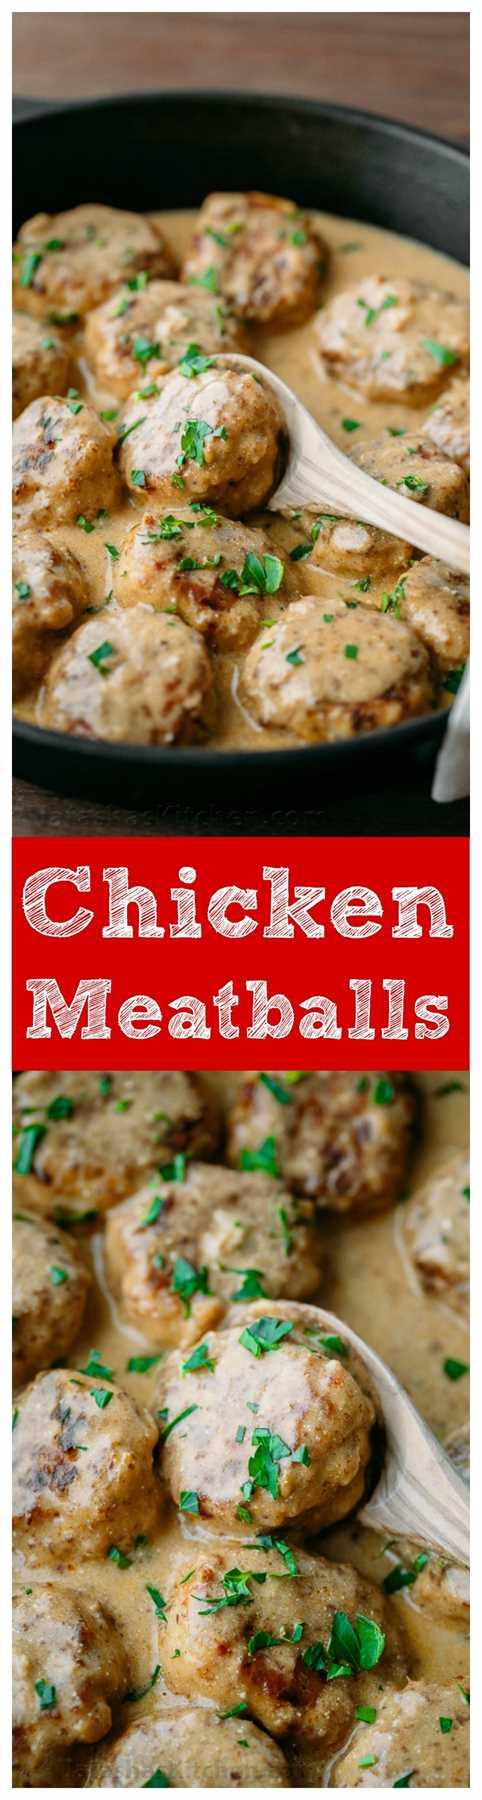 Estas albóndigas de pollo son deliciosas con fideos de huevo o puré de papas cremoso. Una idea fácil para la cena de pollo para una noche ocupada (comida de 30 minutos): una receta en video